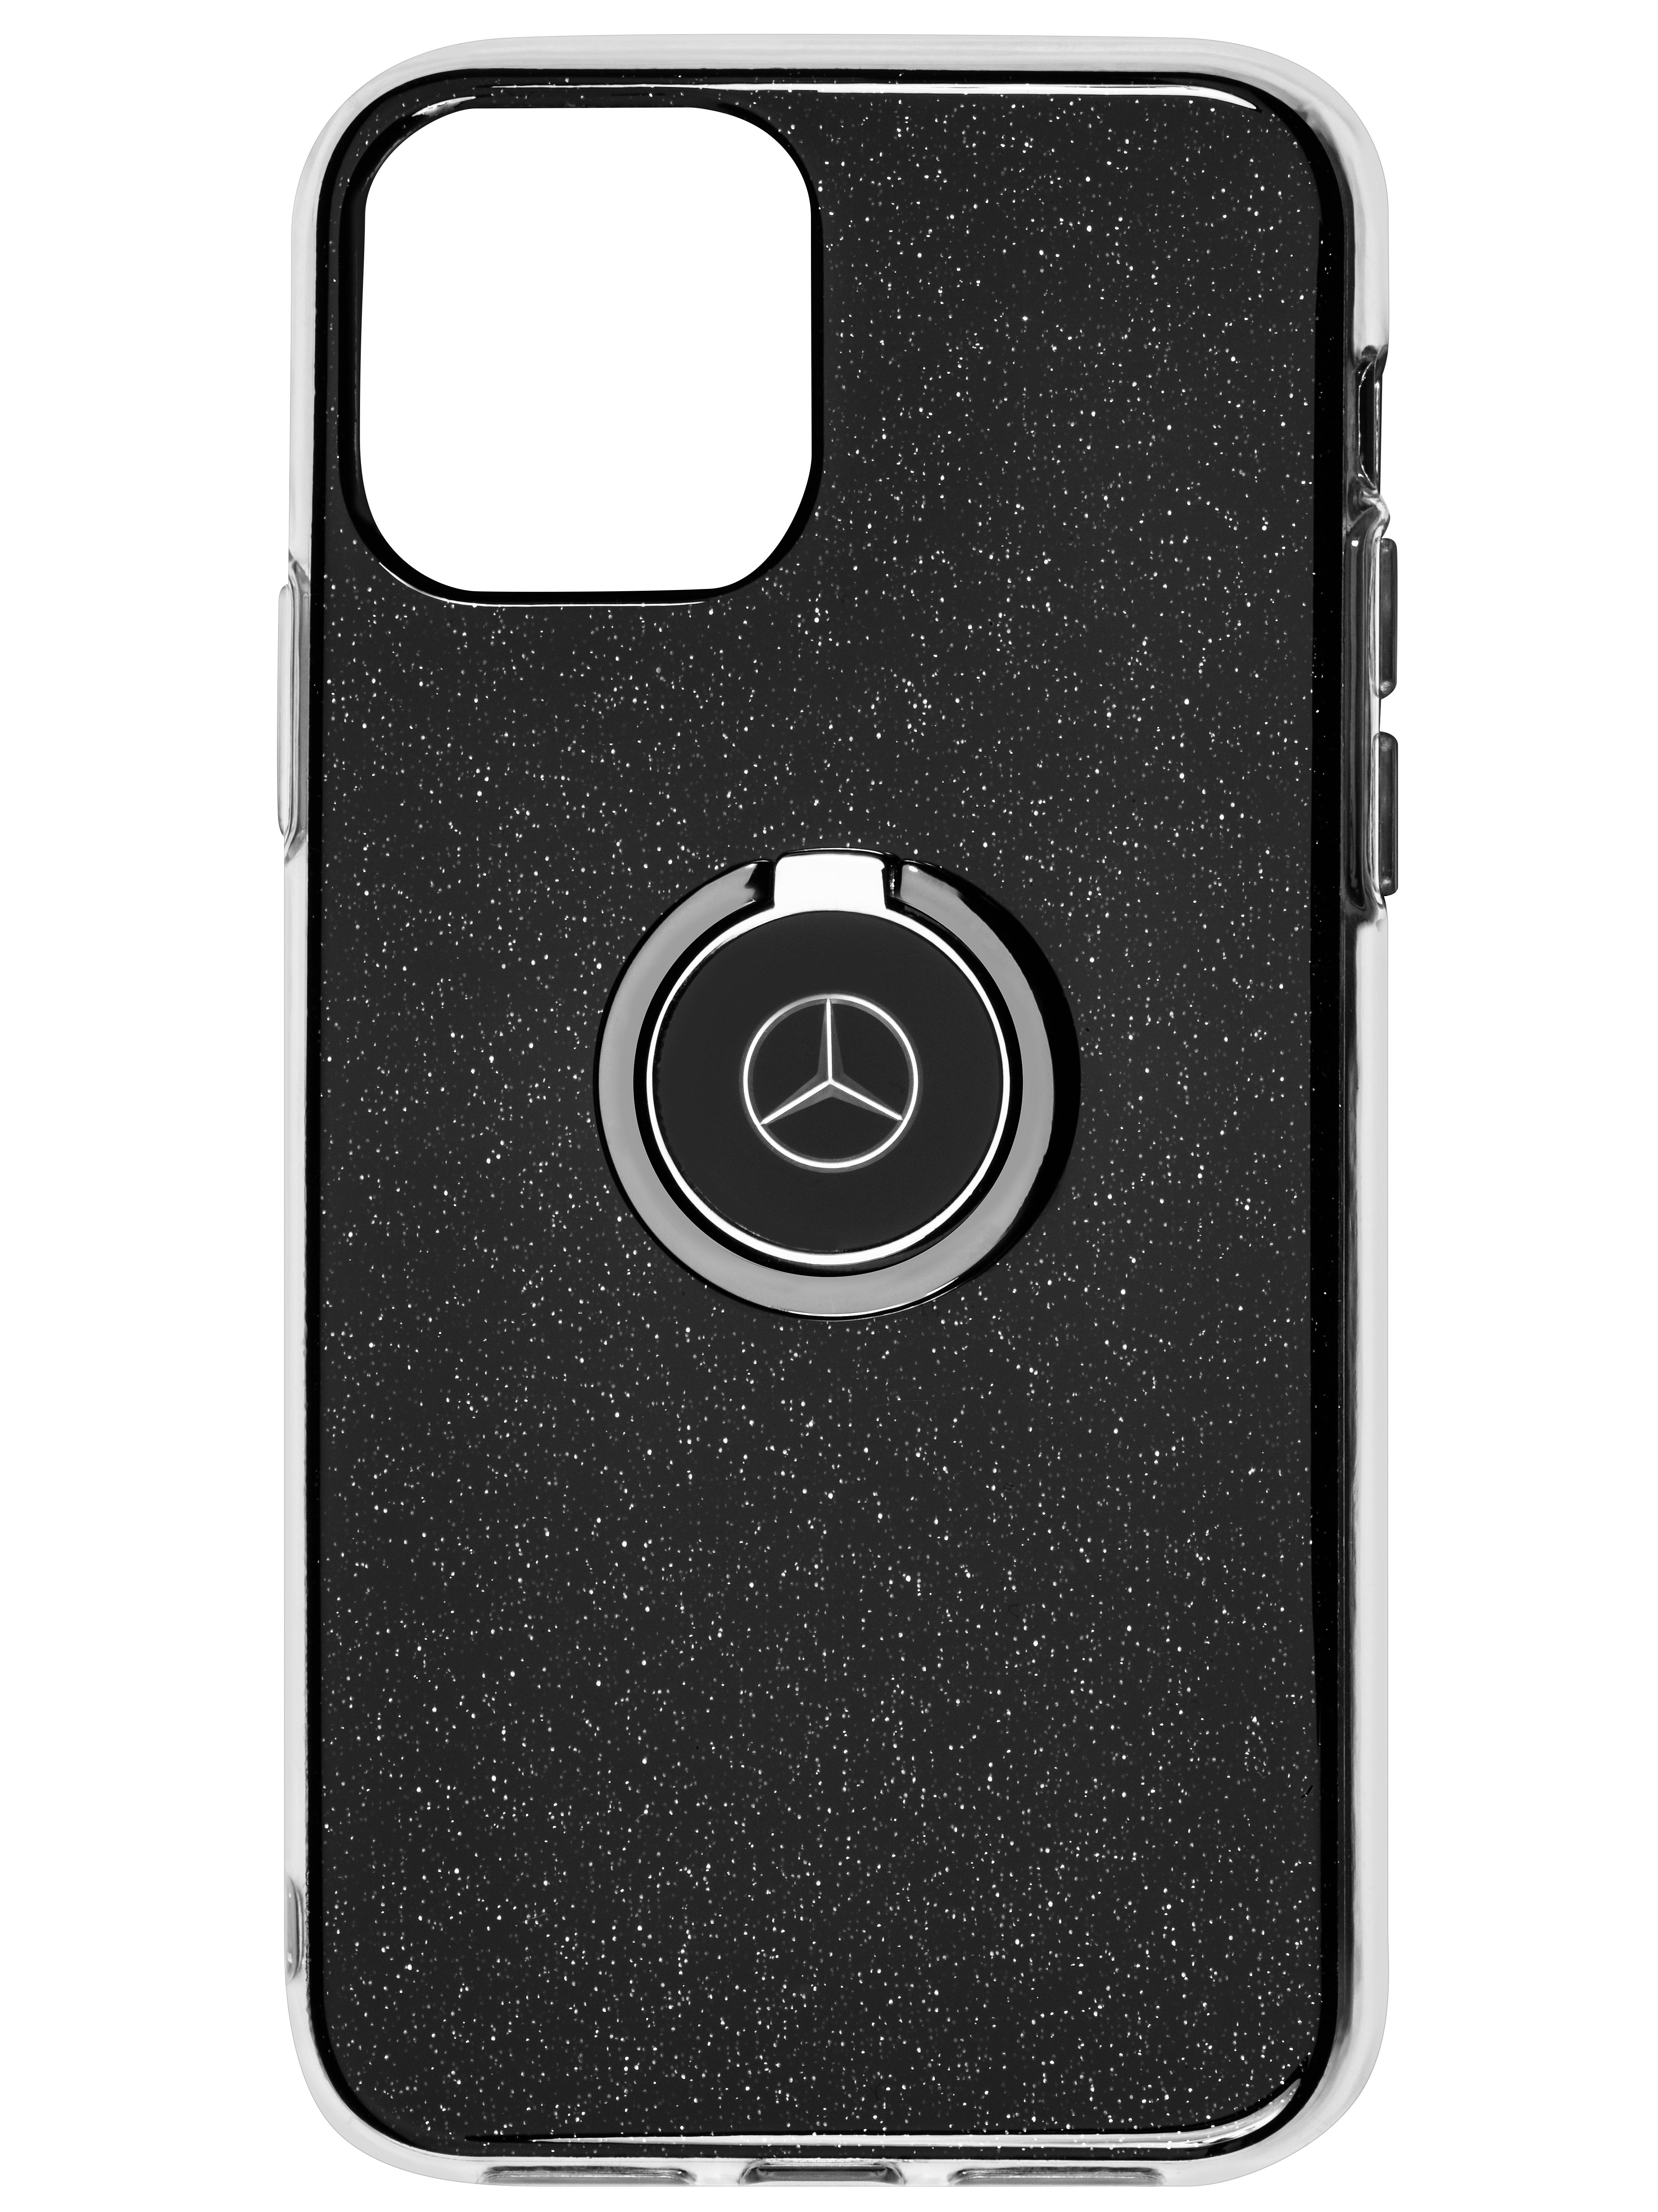 Hoes voor iPhone® 11 Pro met ring